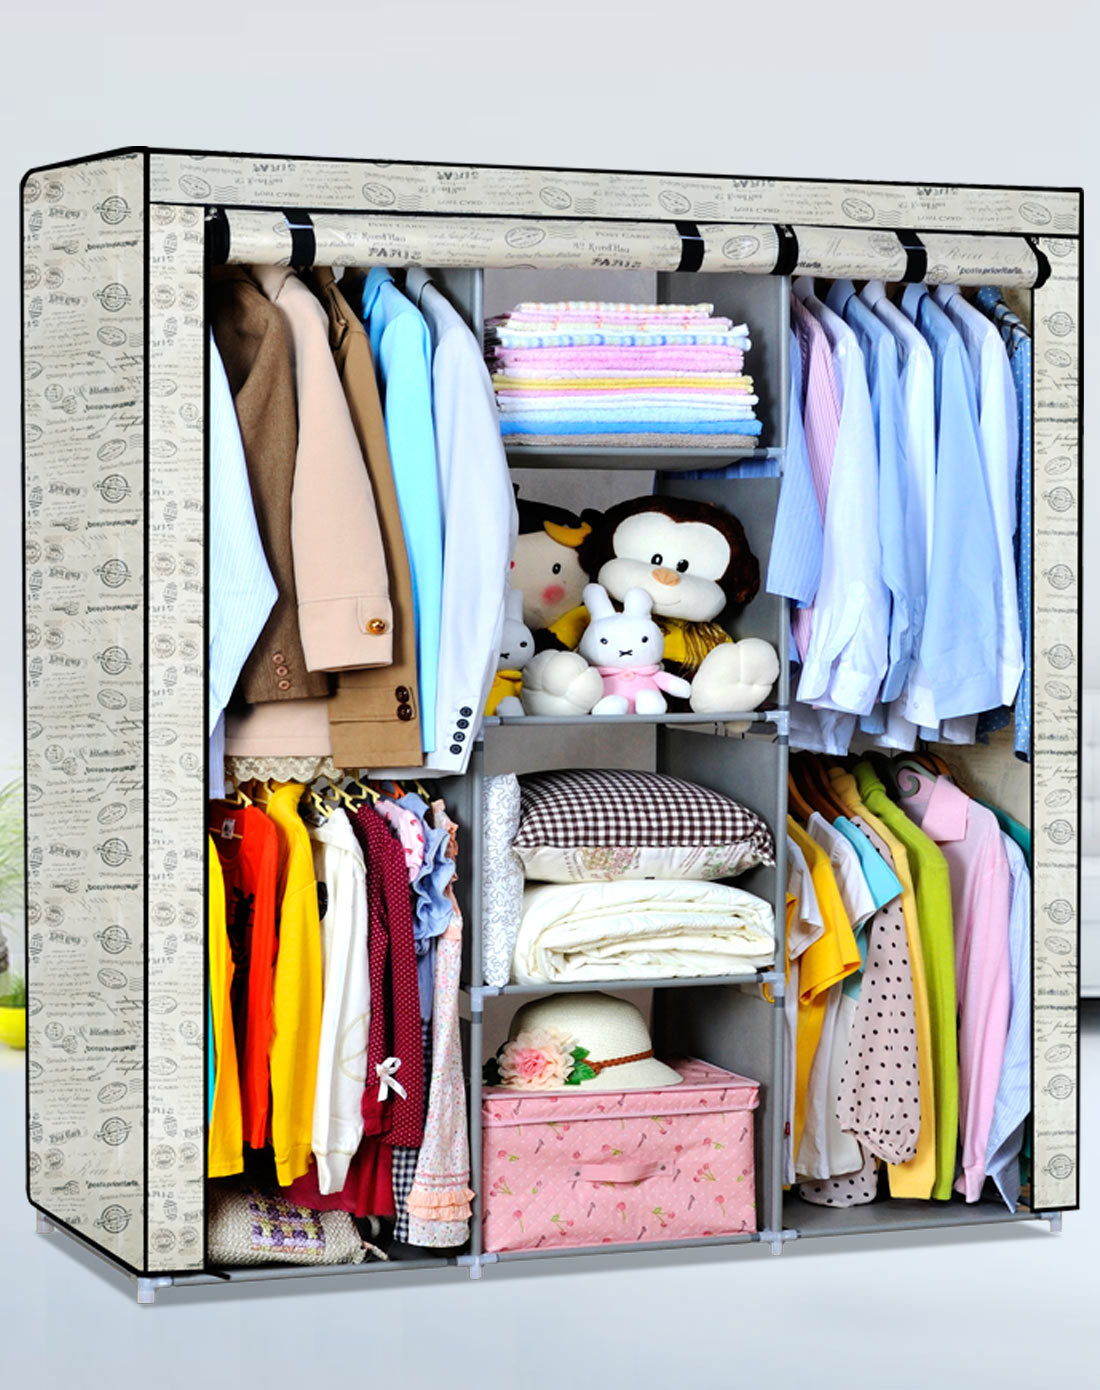 Гардеробный шкаф gudxon 1.33mi wy13133h, купить в интернет м.